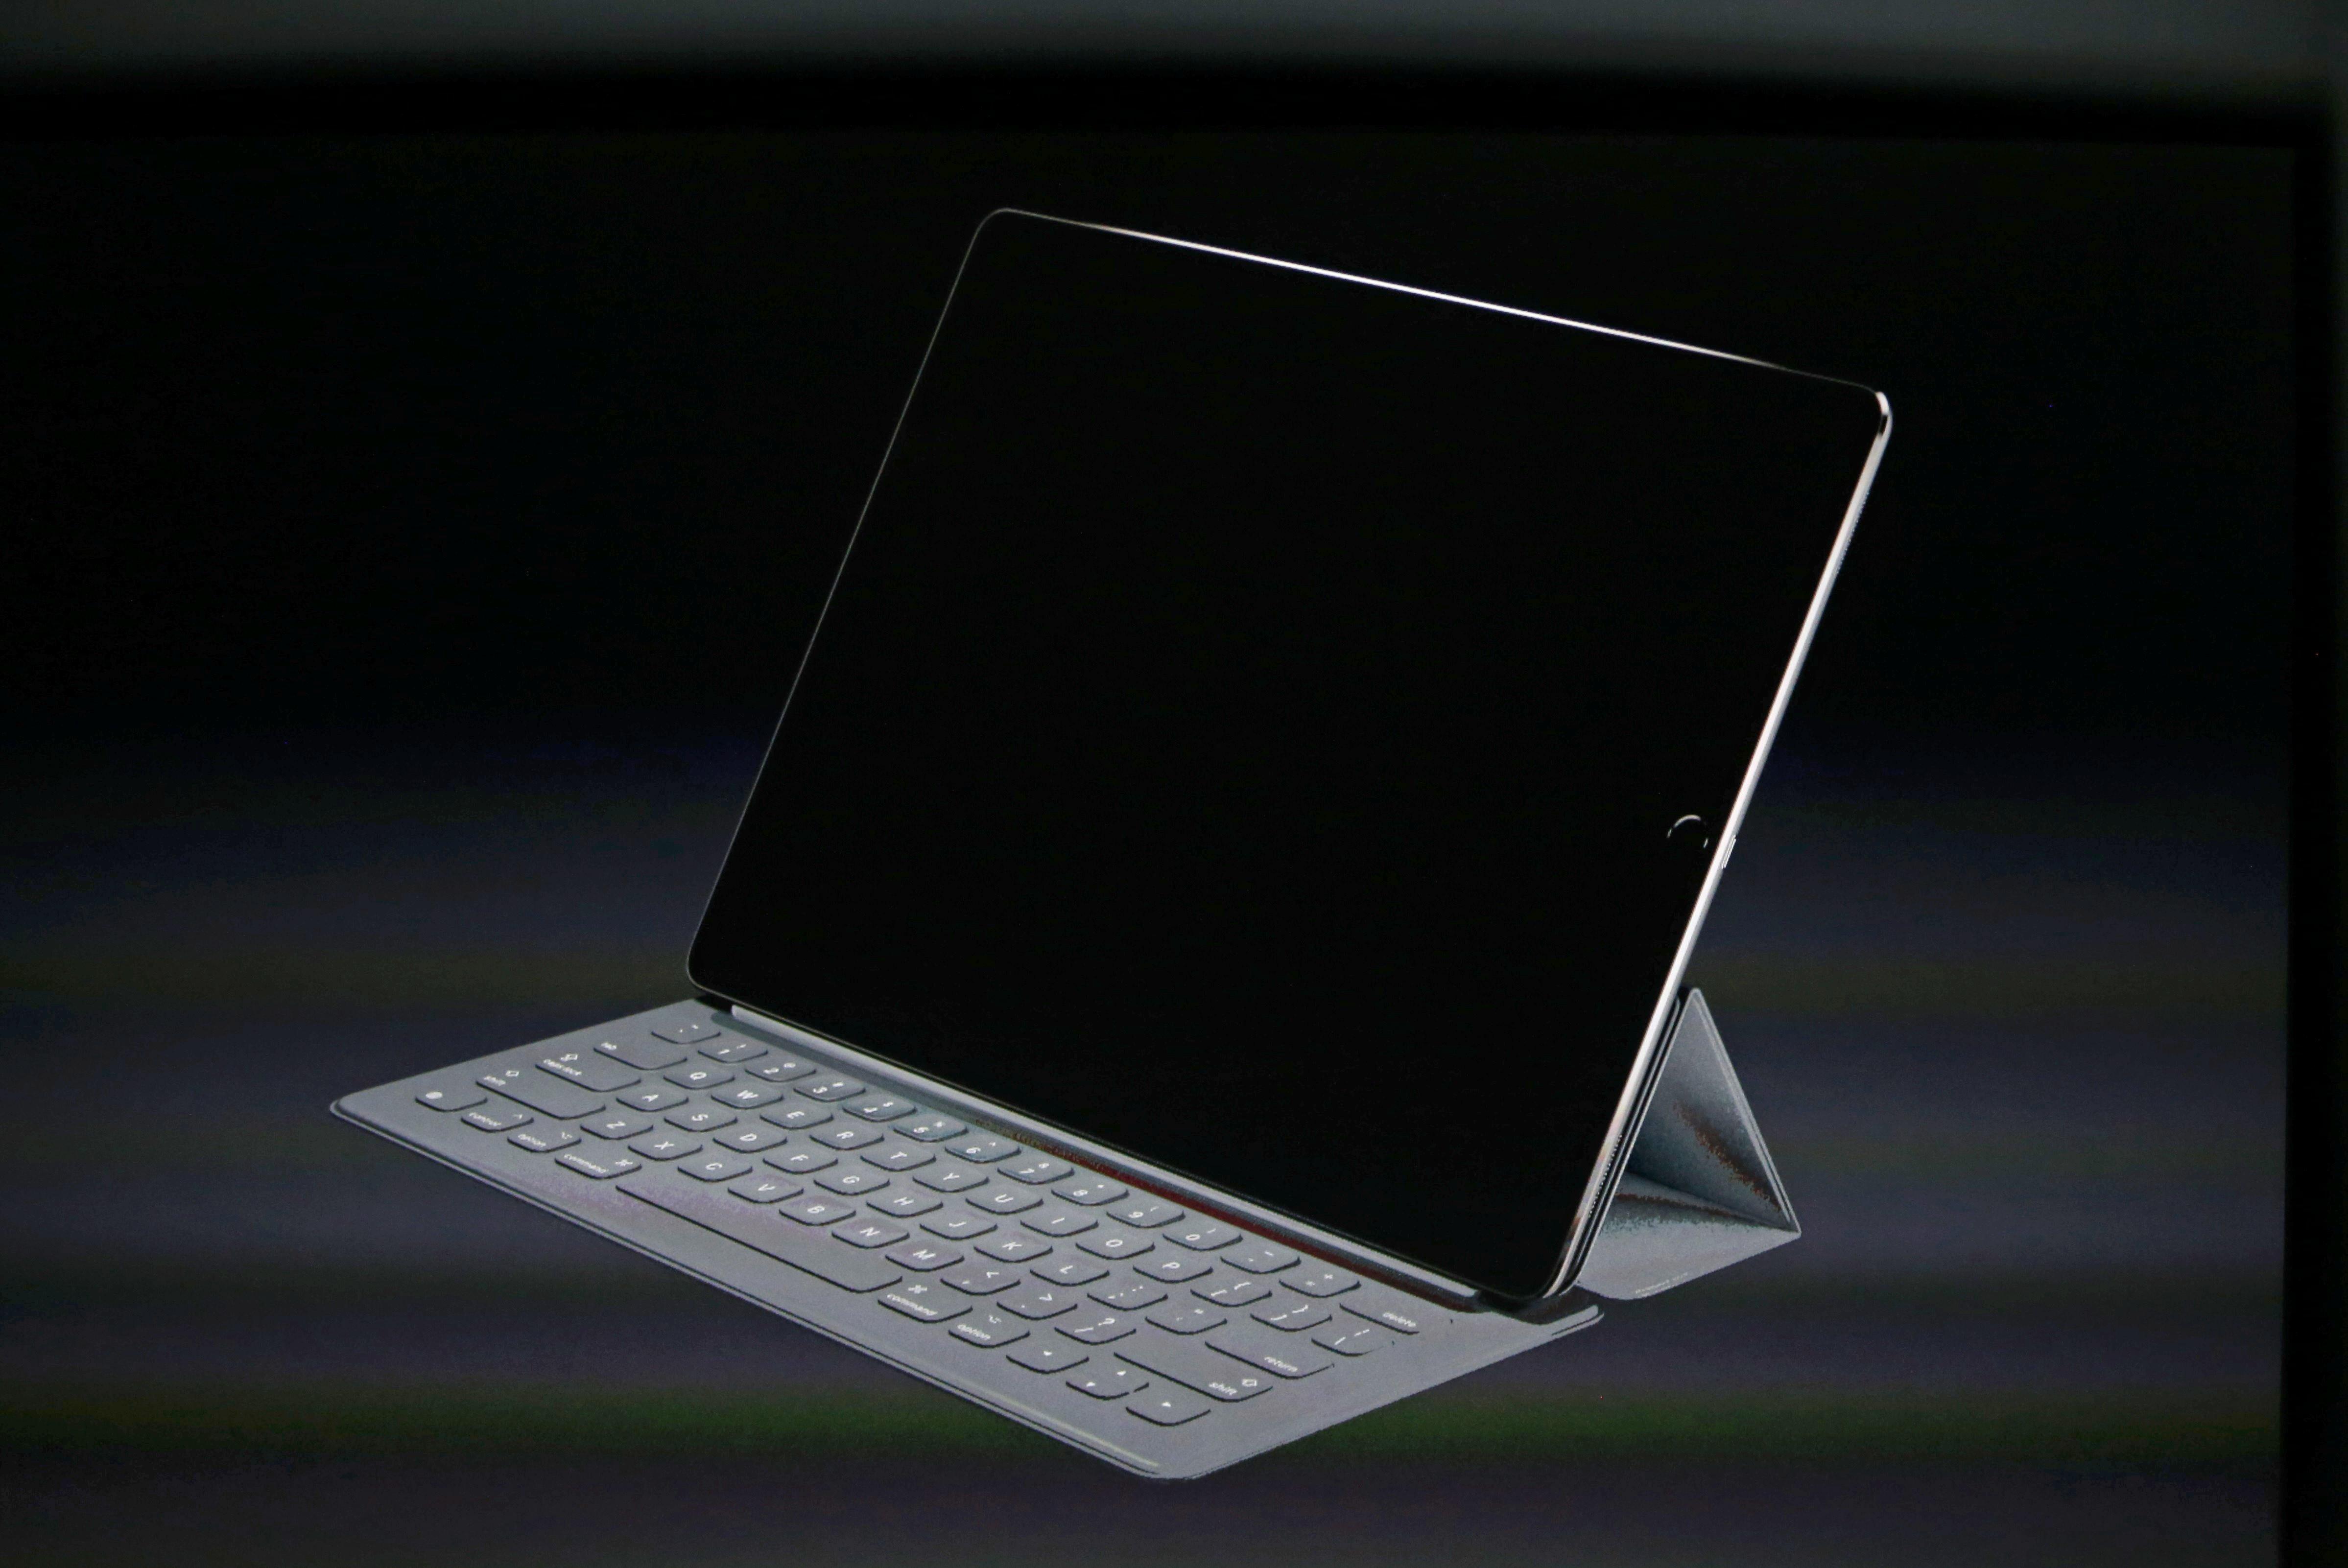 Apple's new Smart Keyboard